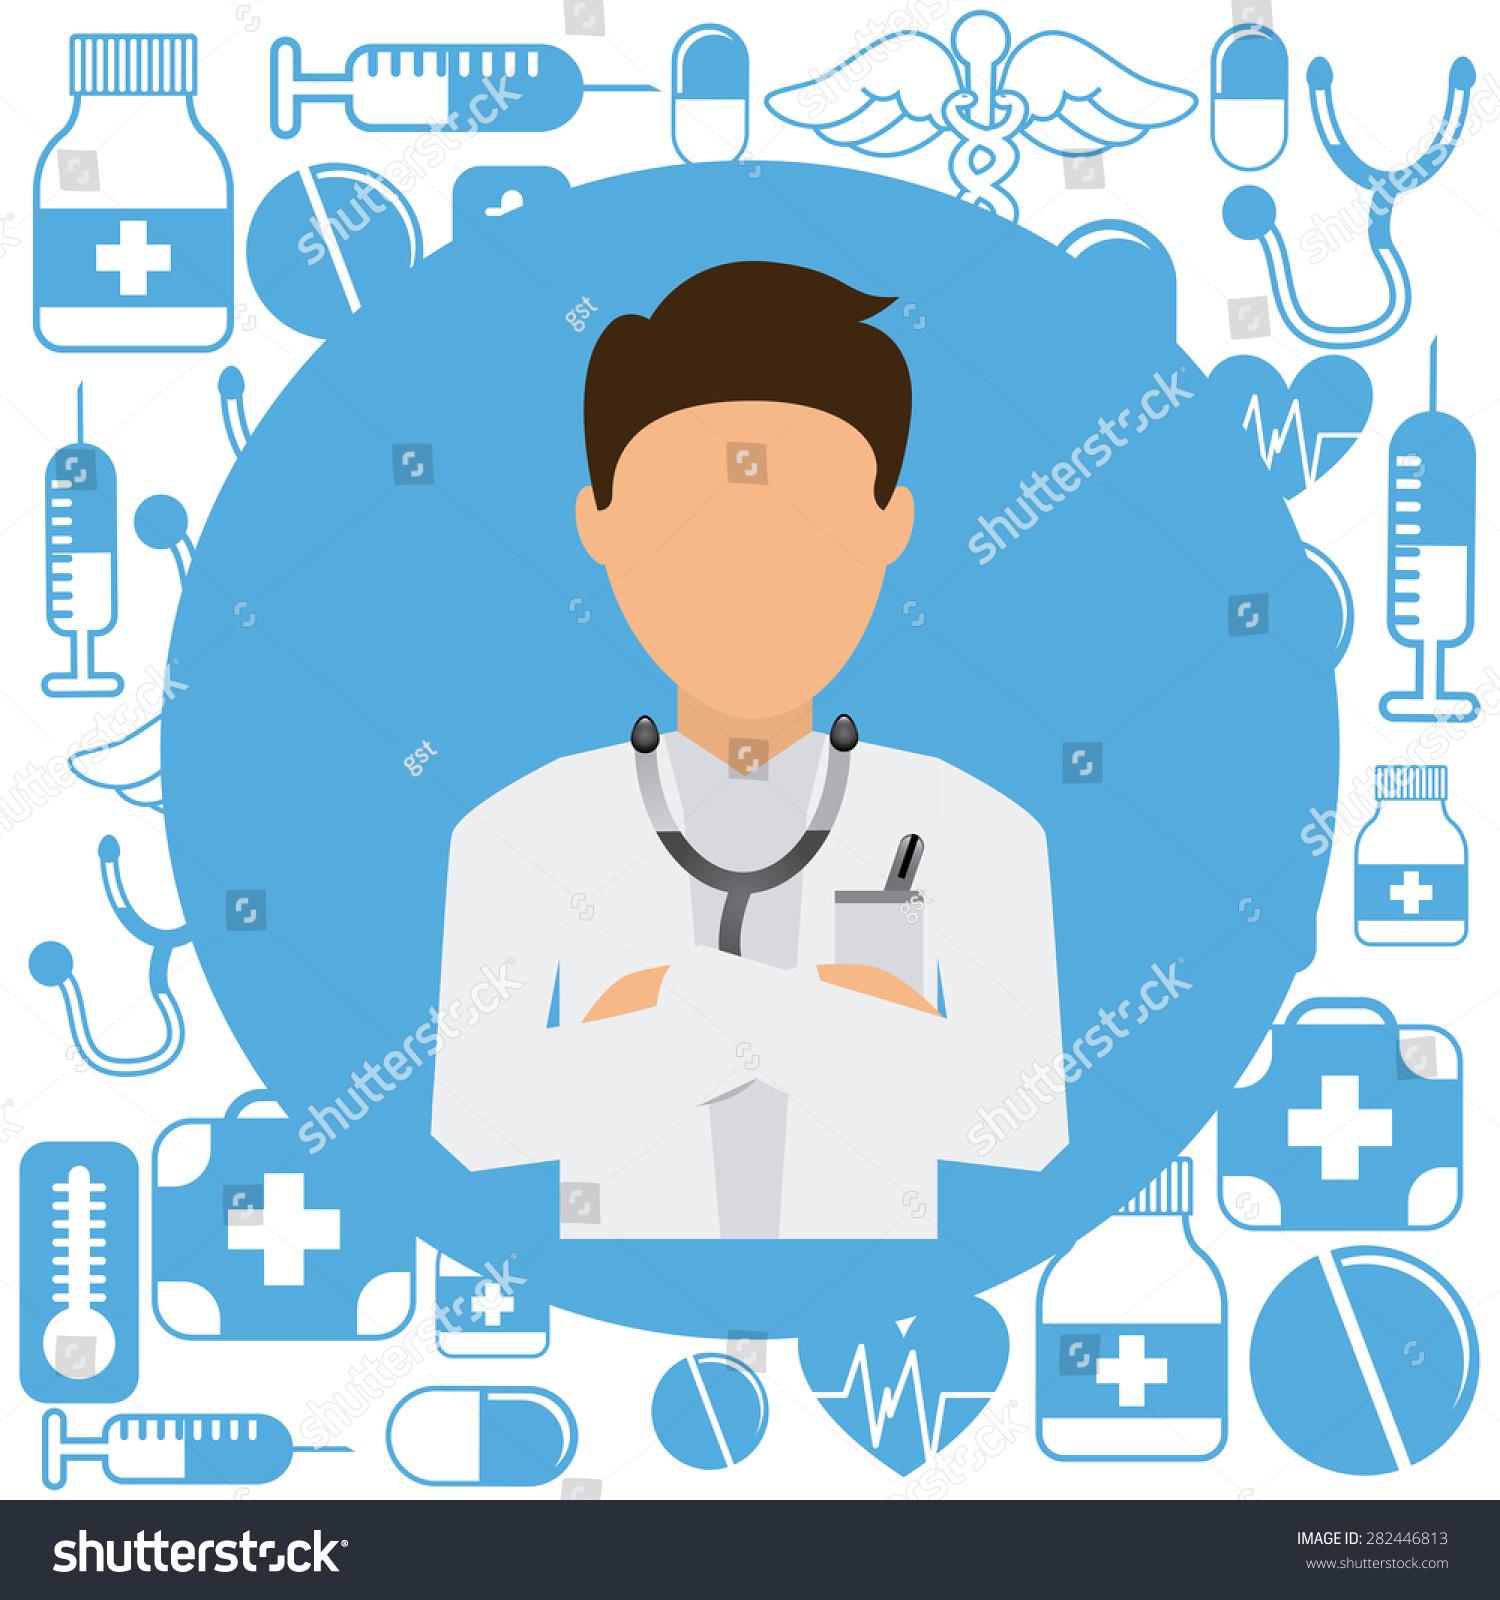 Poster design medical - Medical Poster Design Vector Illustration Eps10 Graphic